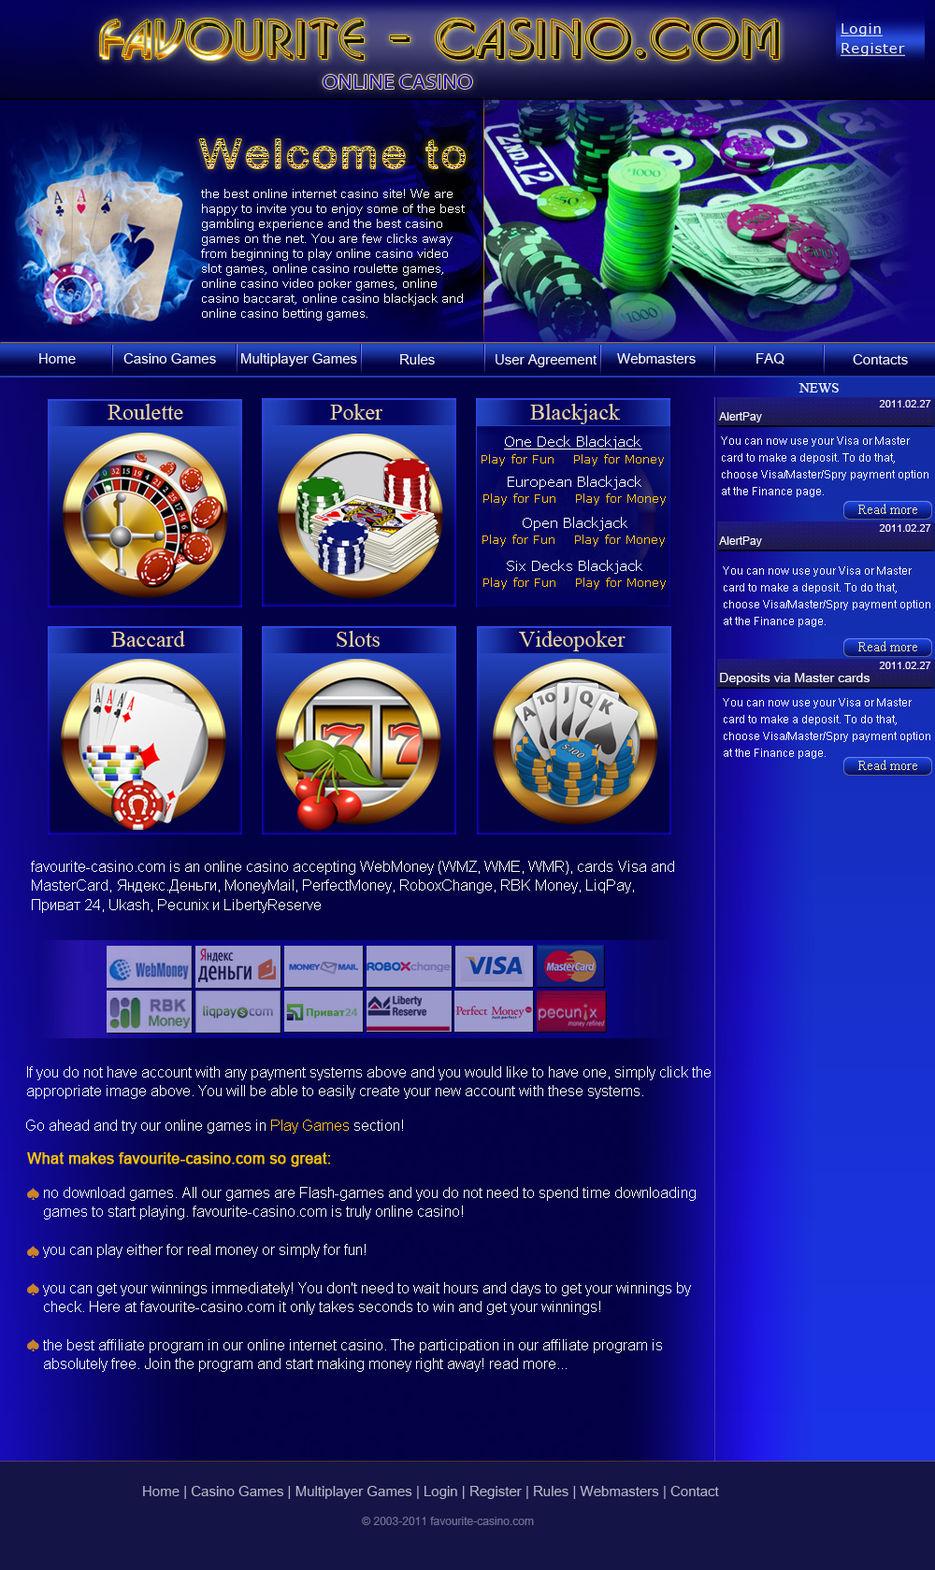 Казино фаворит ооо вэлком популярное виртуальное казино winner будет проводить лотерейный розыгрыш с потрясающими